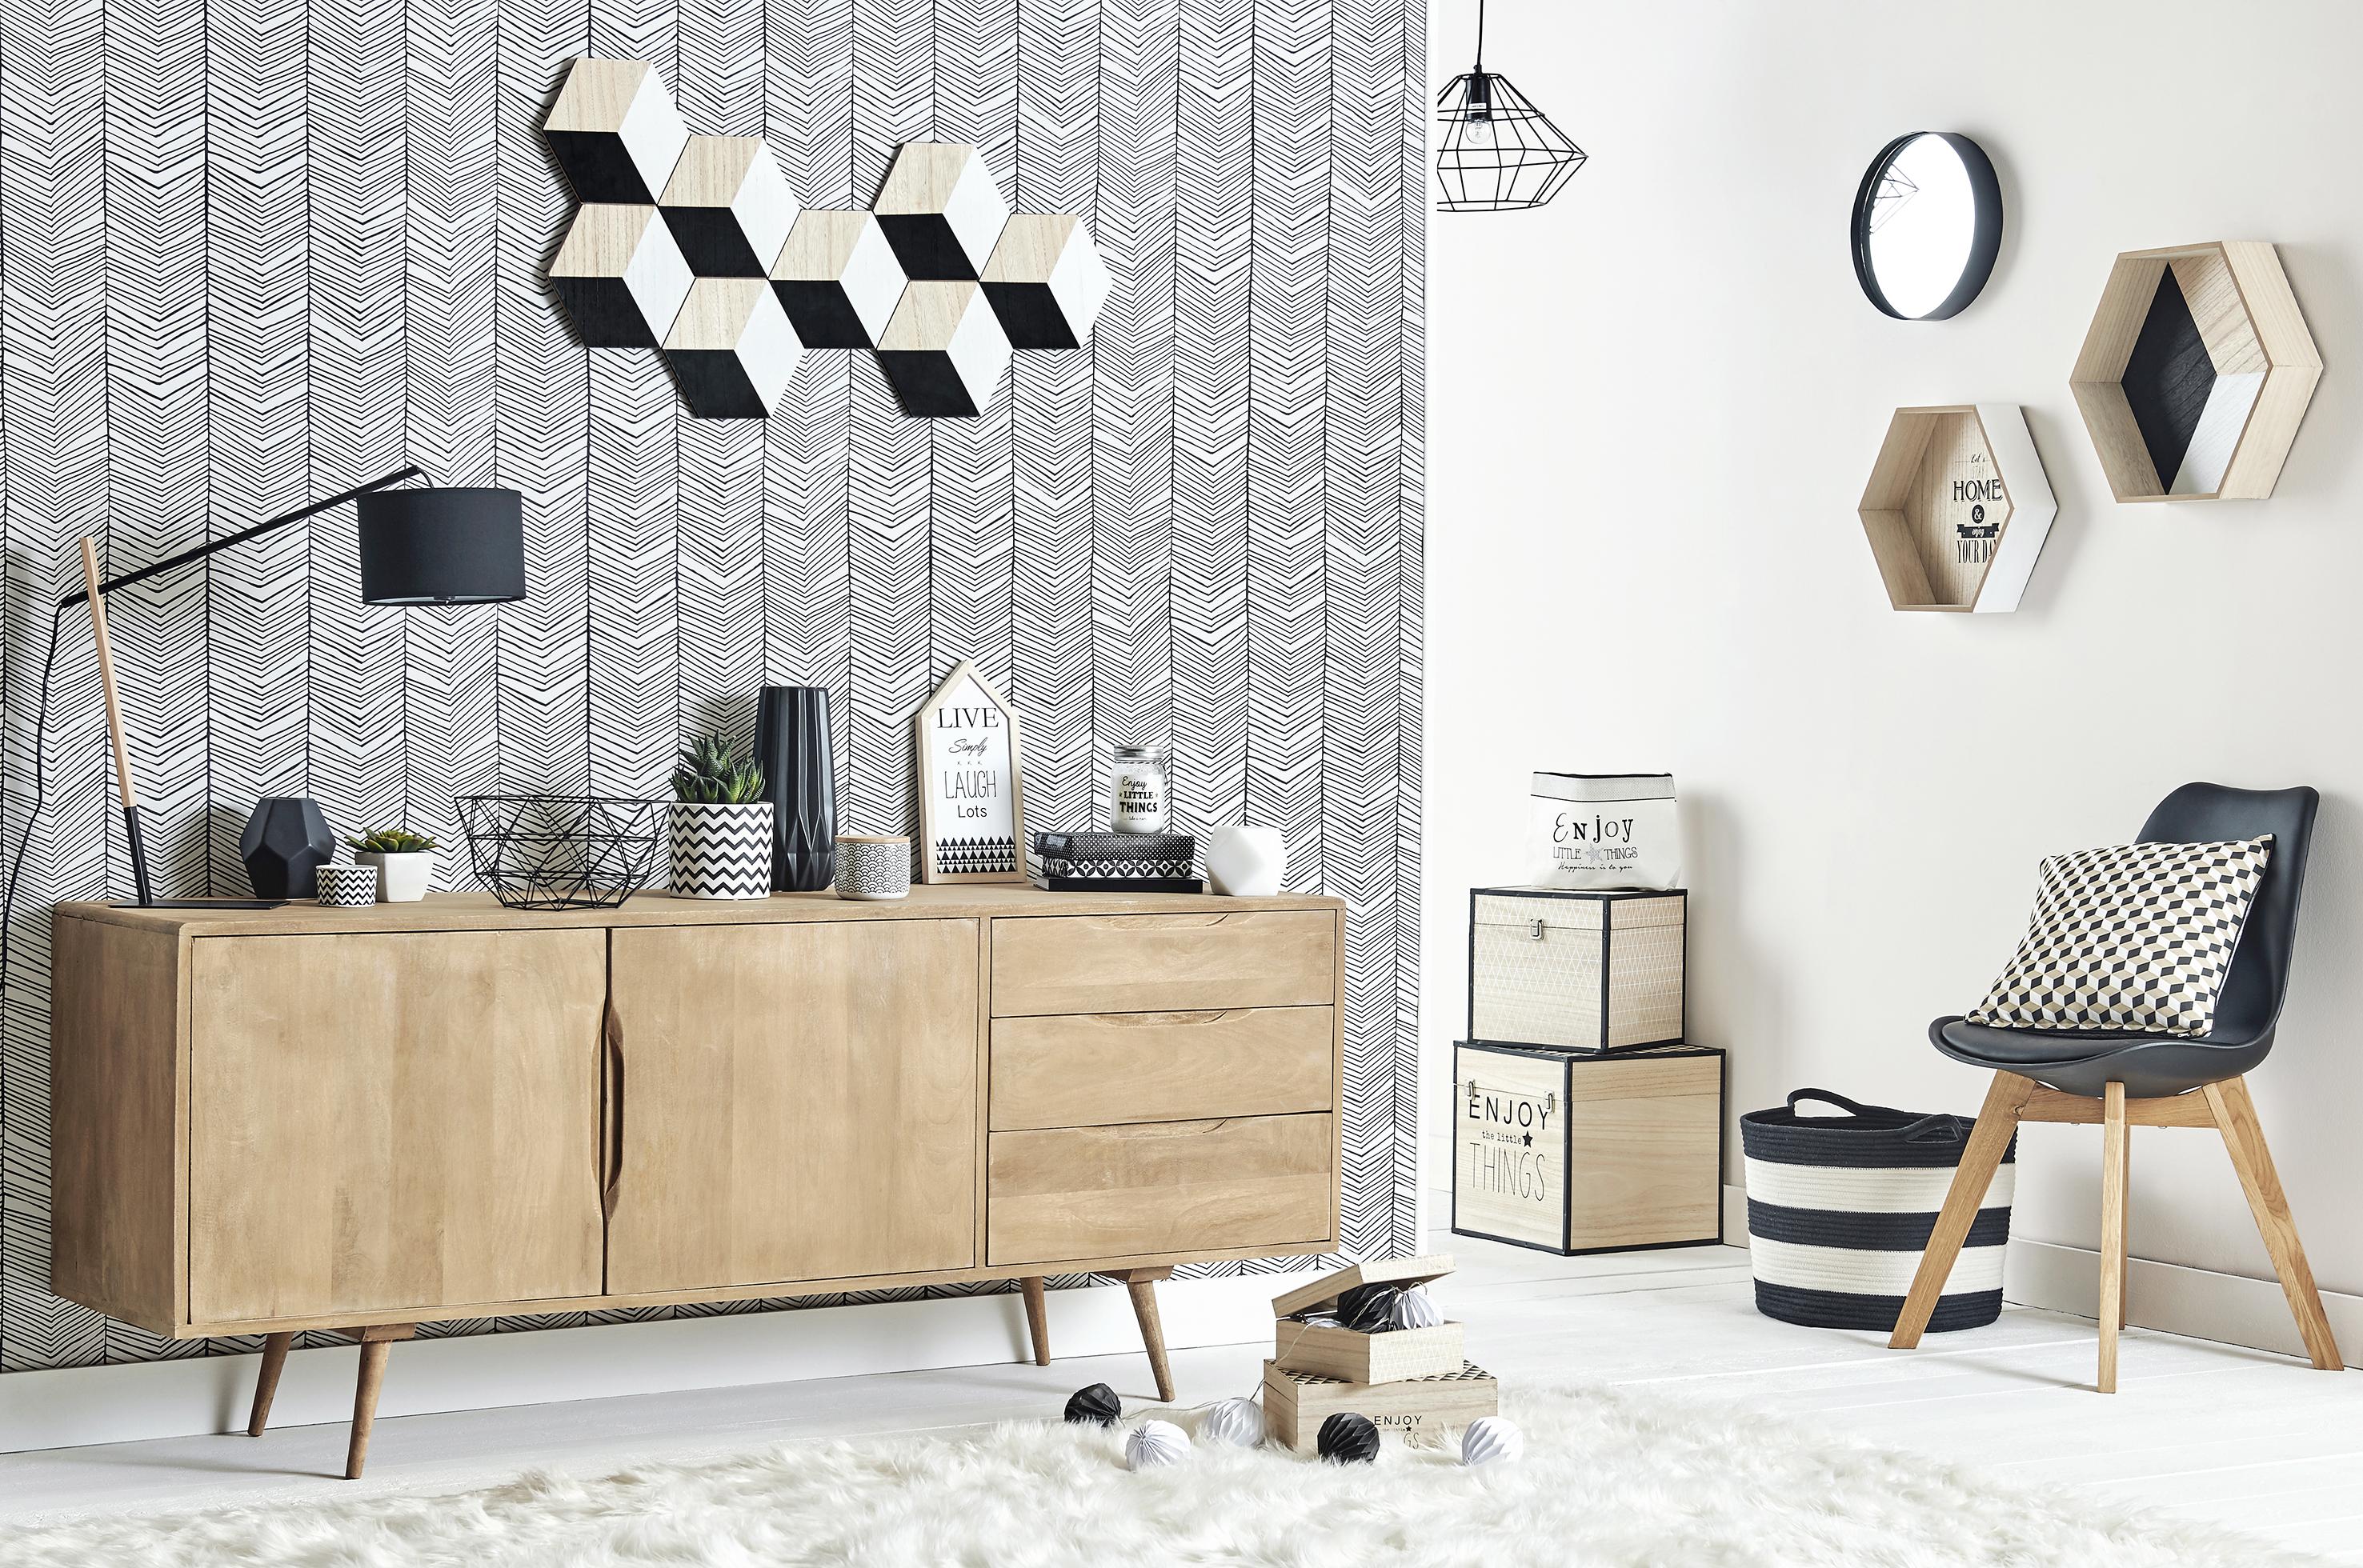 Möbel im skandinavischen Stil.